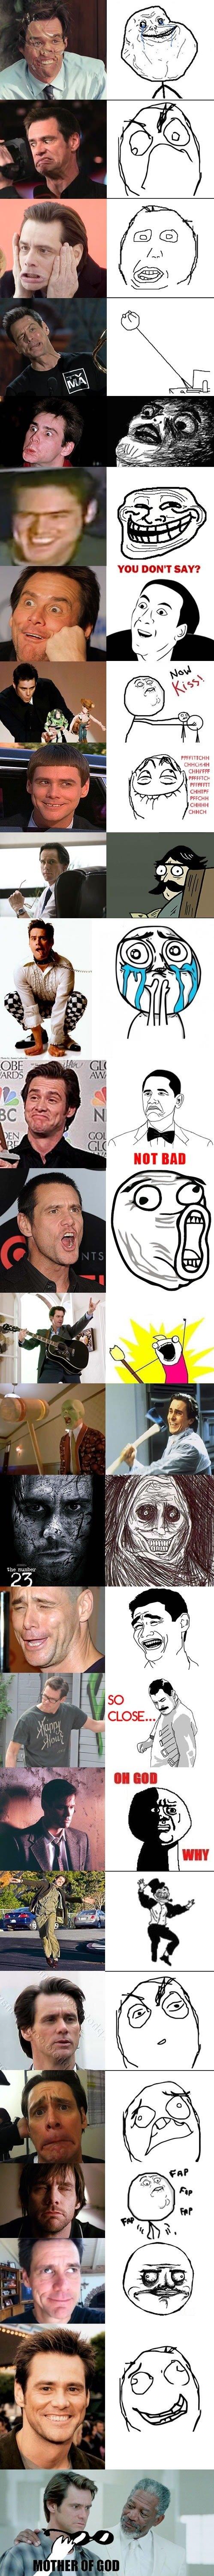 Jim Carrey Meme Face Jim-carrey-rage-faces Jim Carrey